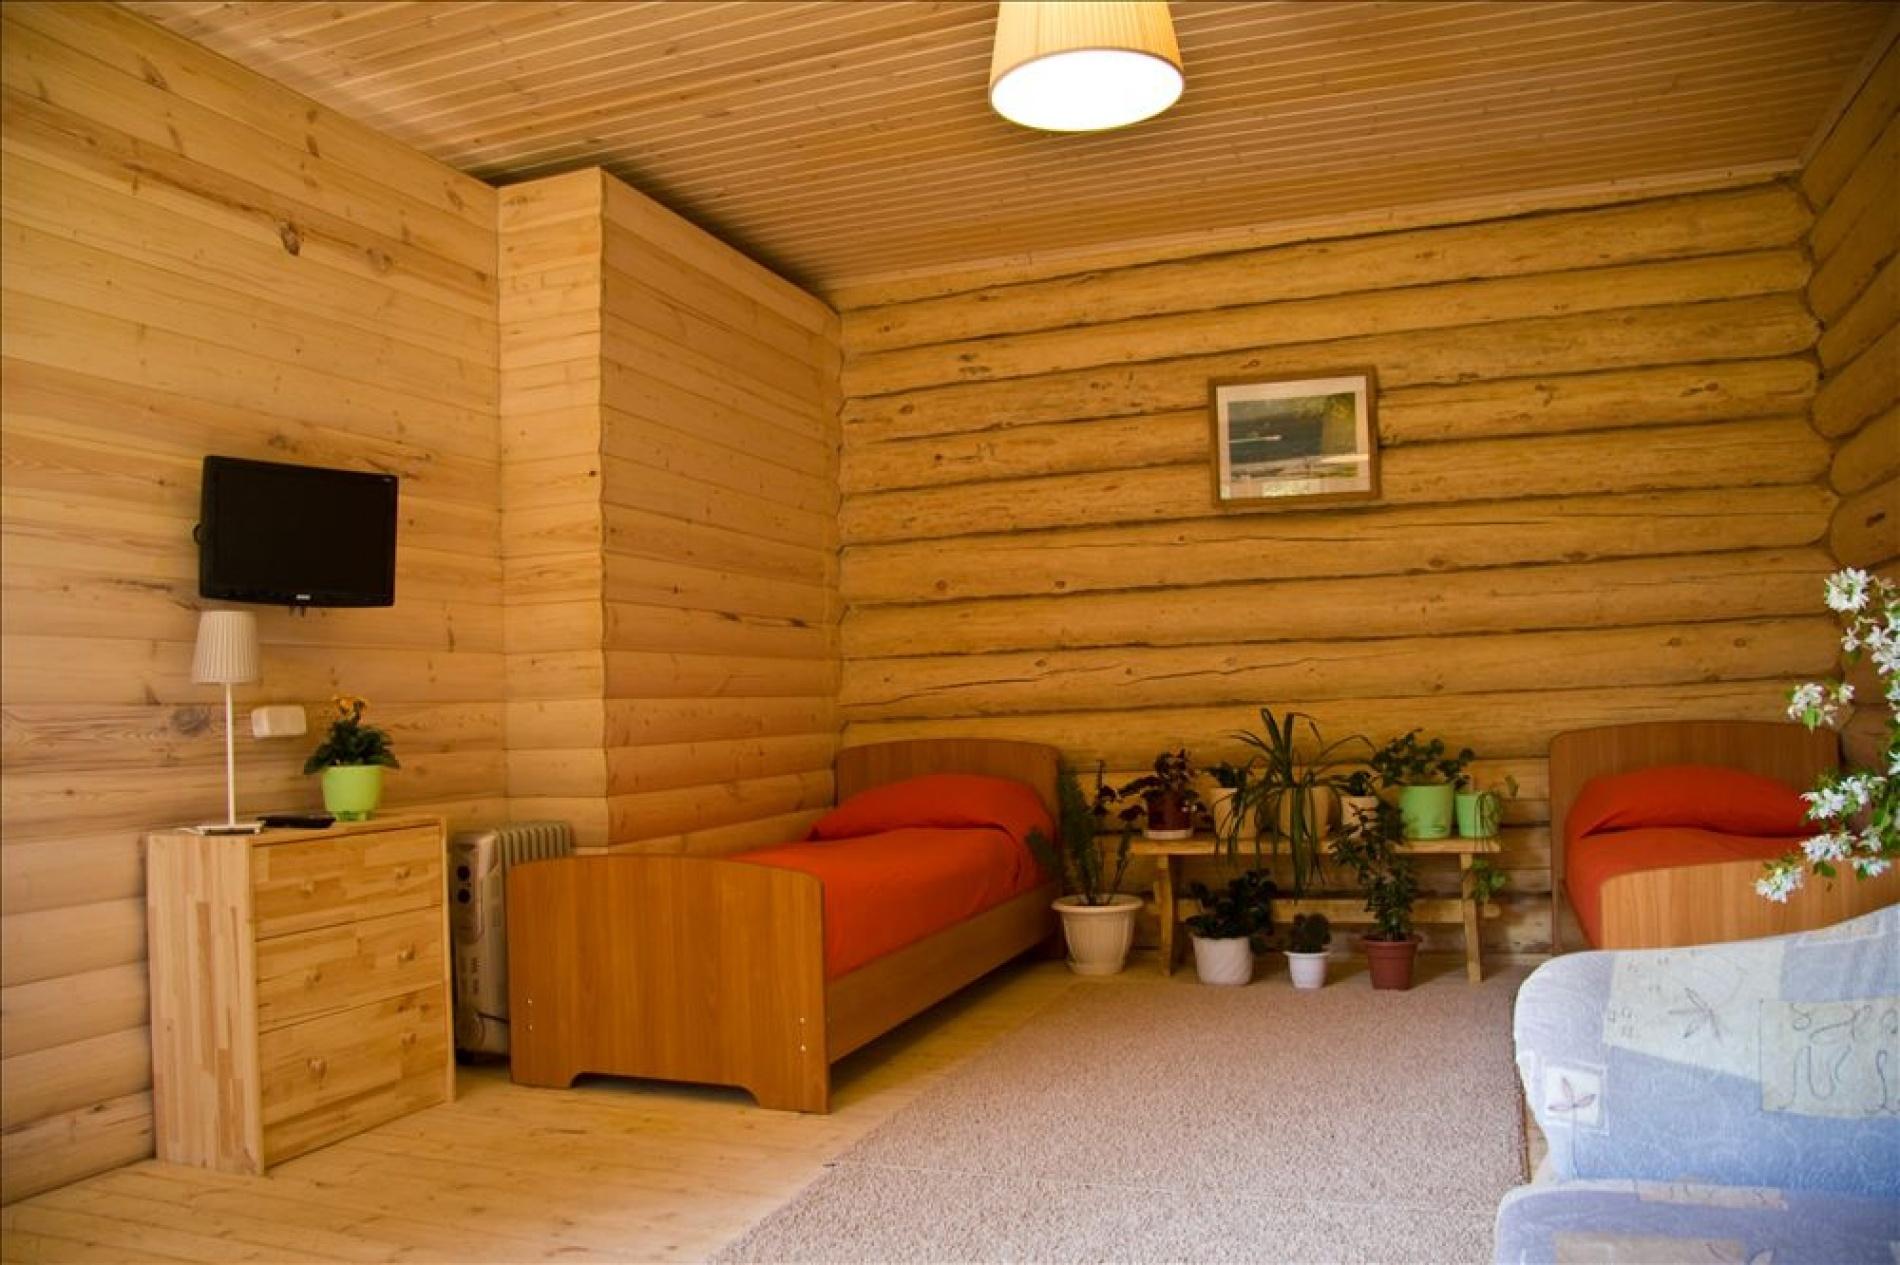 База отдыха «Сказка» Республика Башкортостан 4-местный дом, фото 1